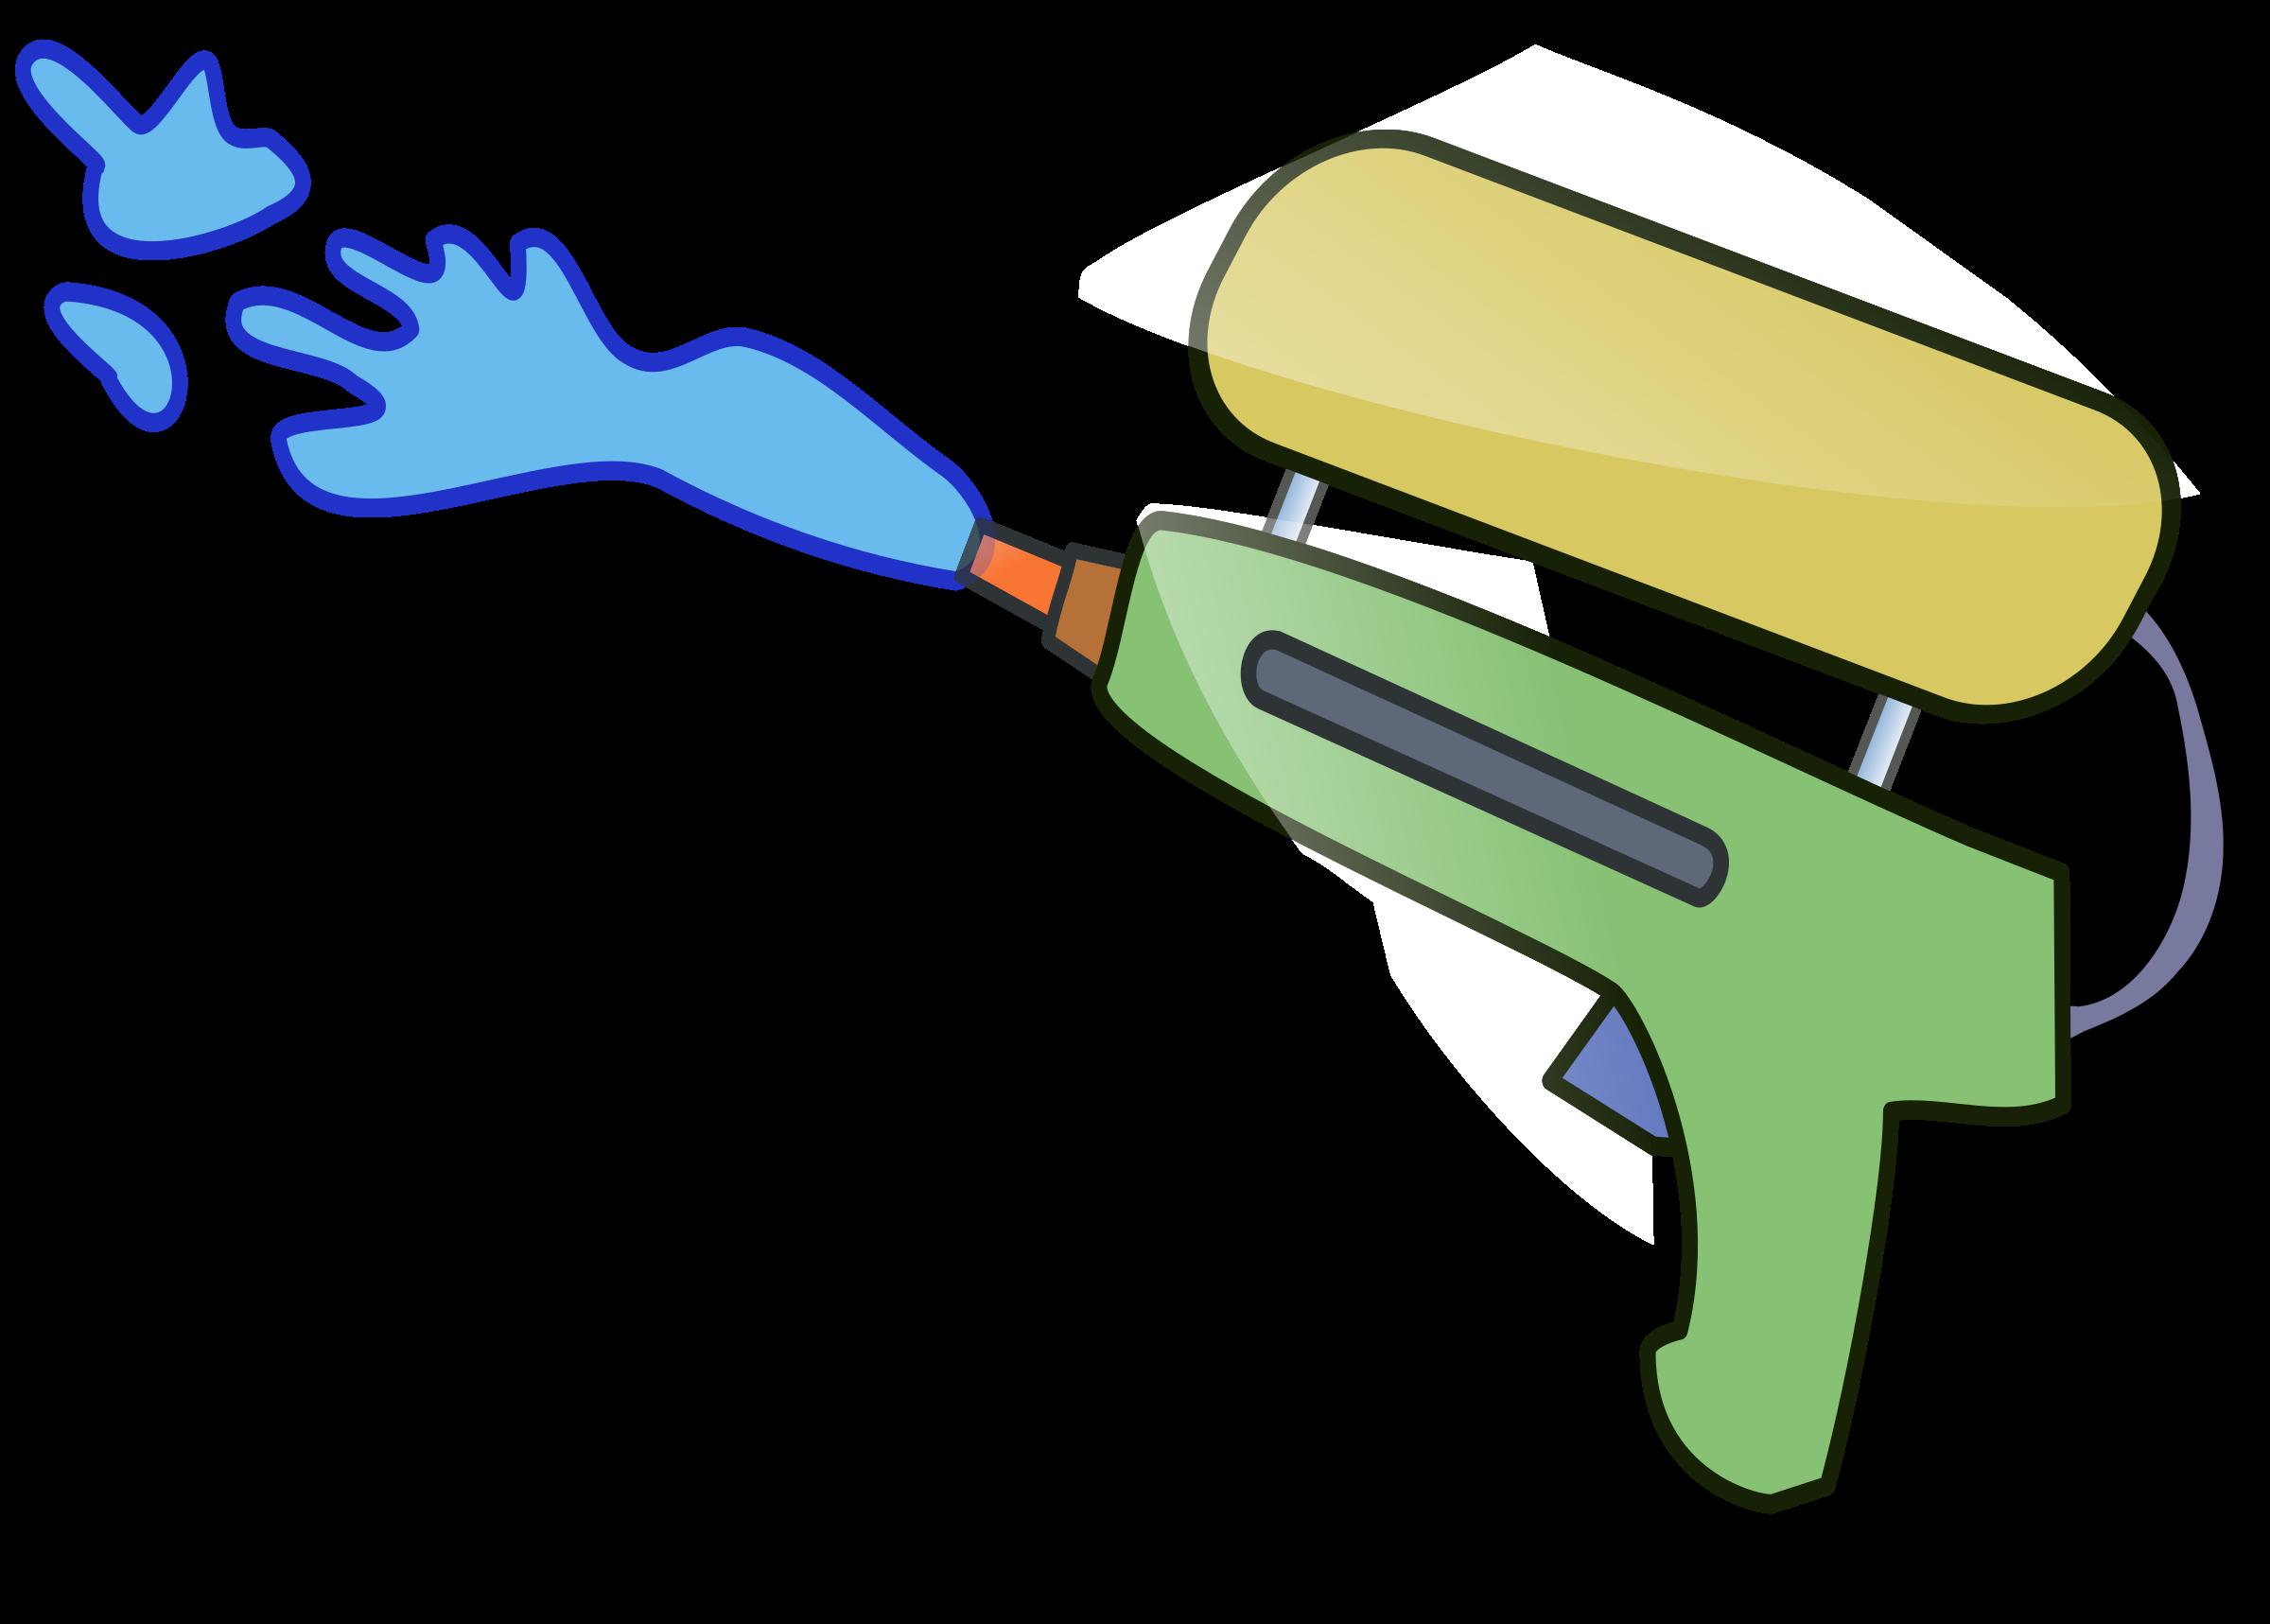 Clip art openclipart product. Guns clipart water gun